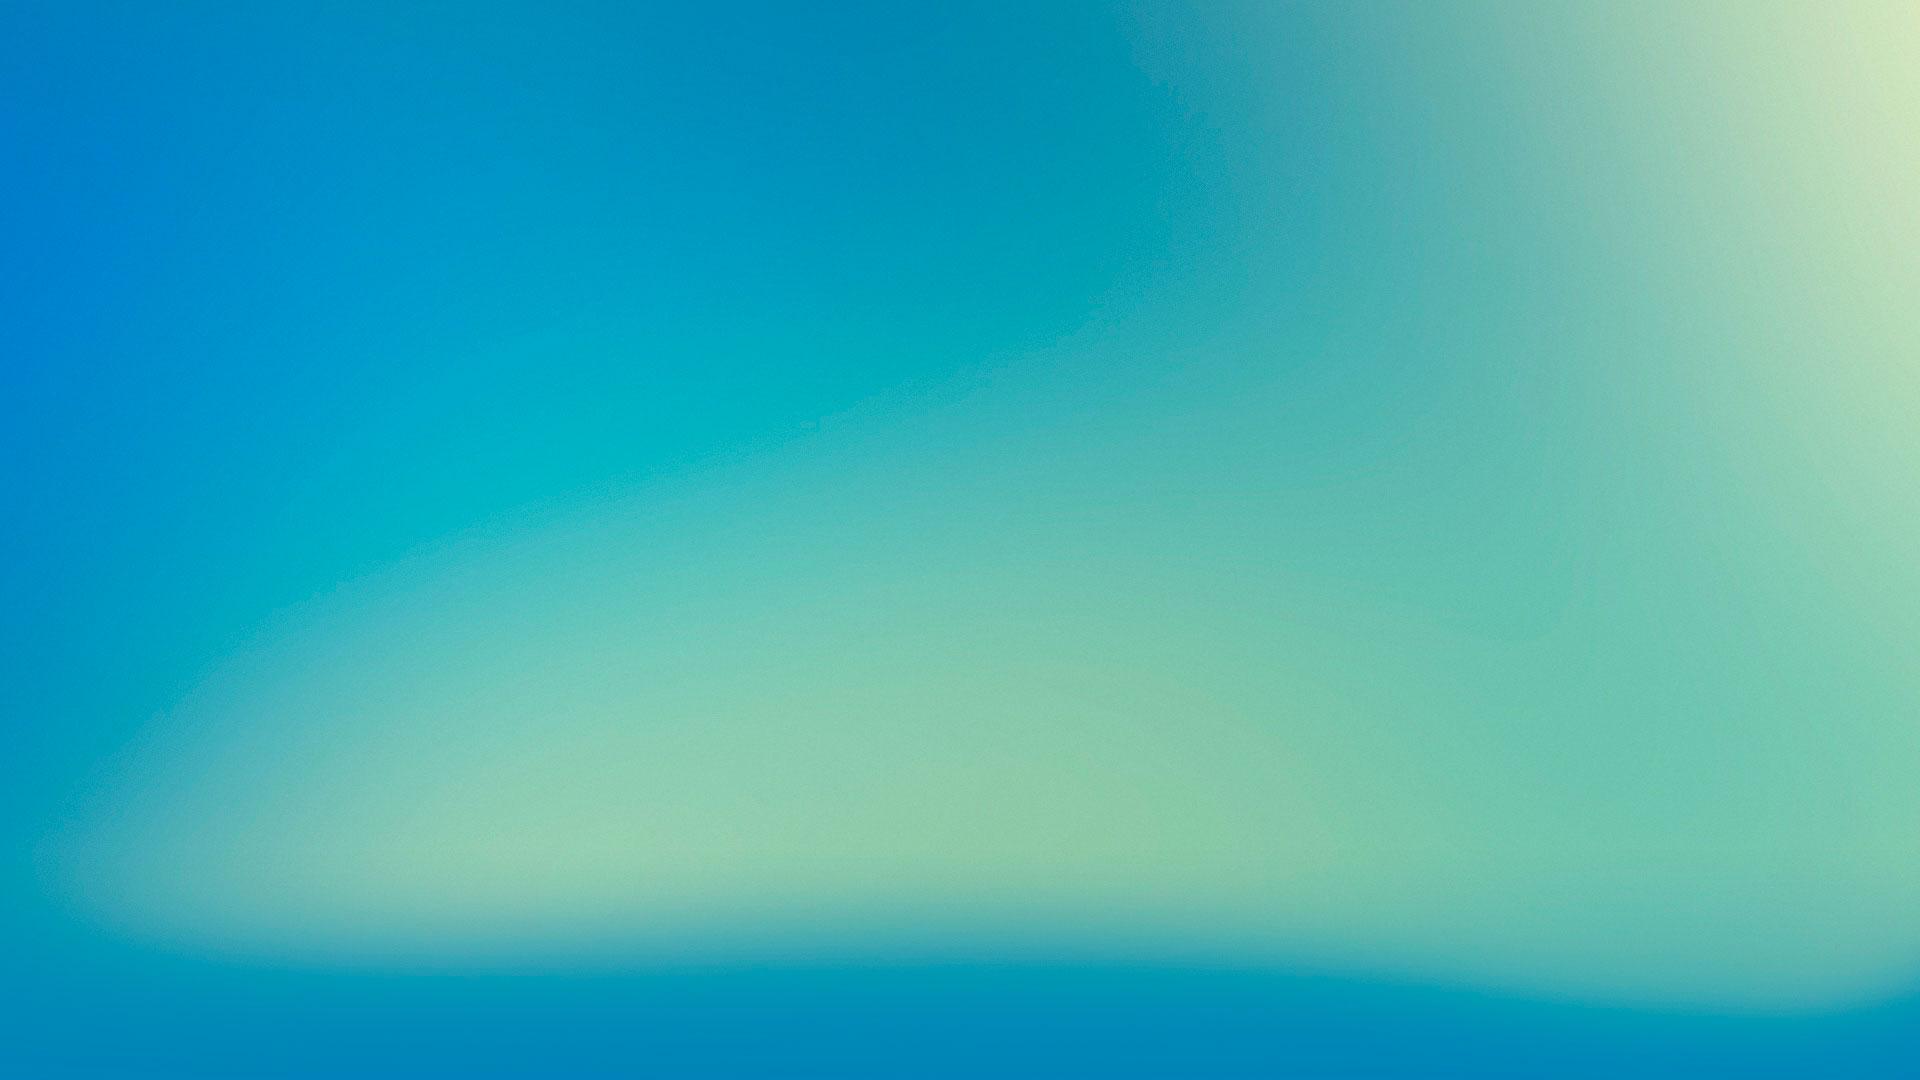 синий схеме фон светлый зеленовато голубой белый